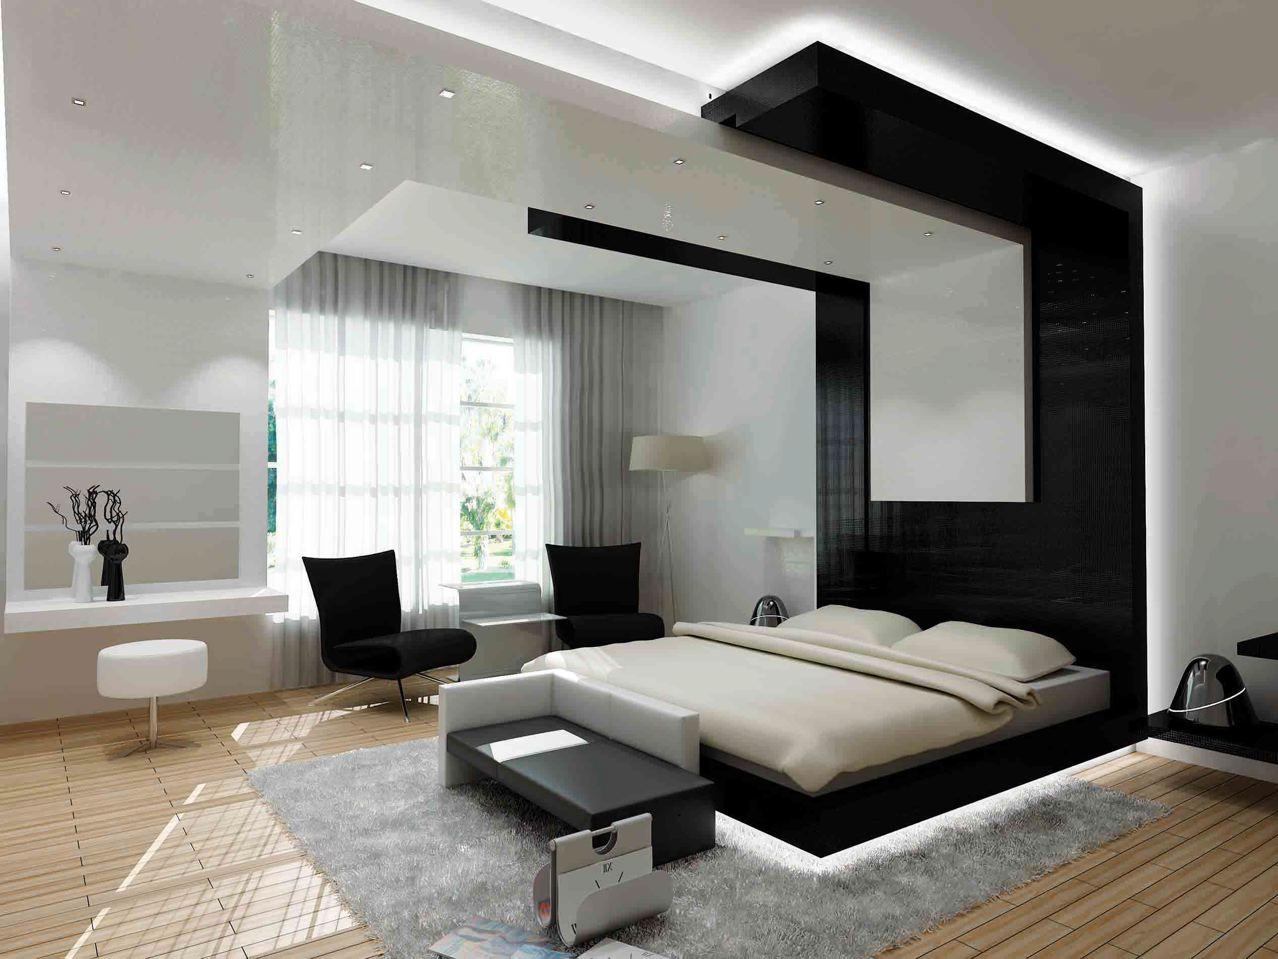 صورة تصاميم غرف نوم شياكة 2020 , غرف نوم ناعمة , غرف نوم كيوت 2020 7809 7